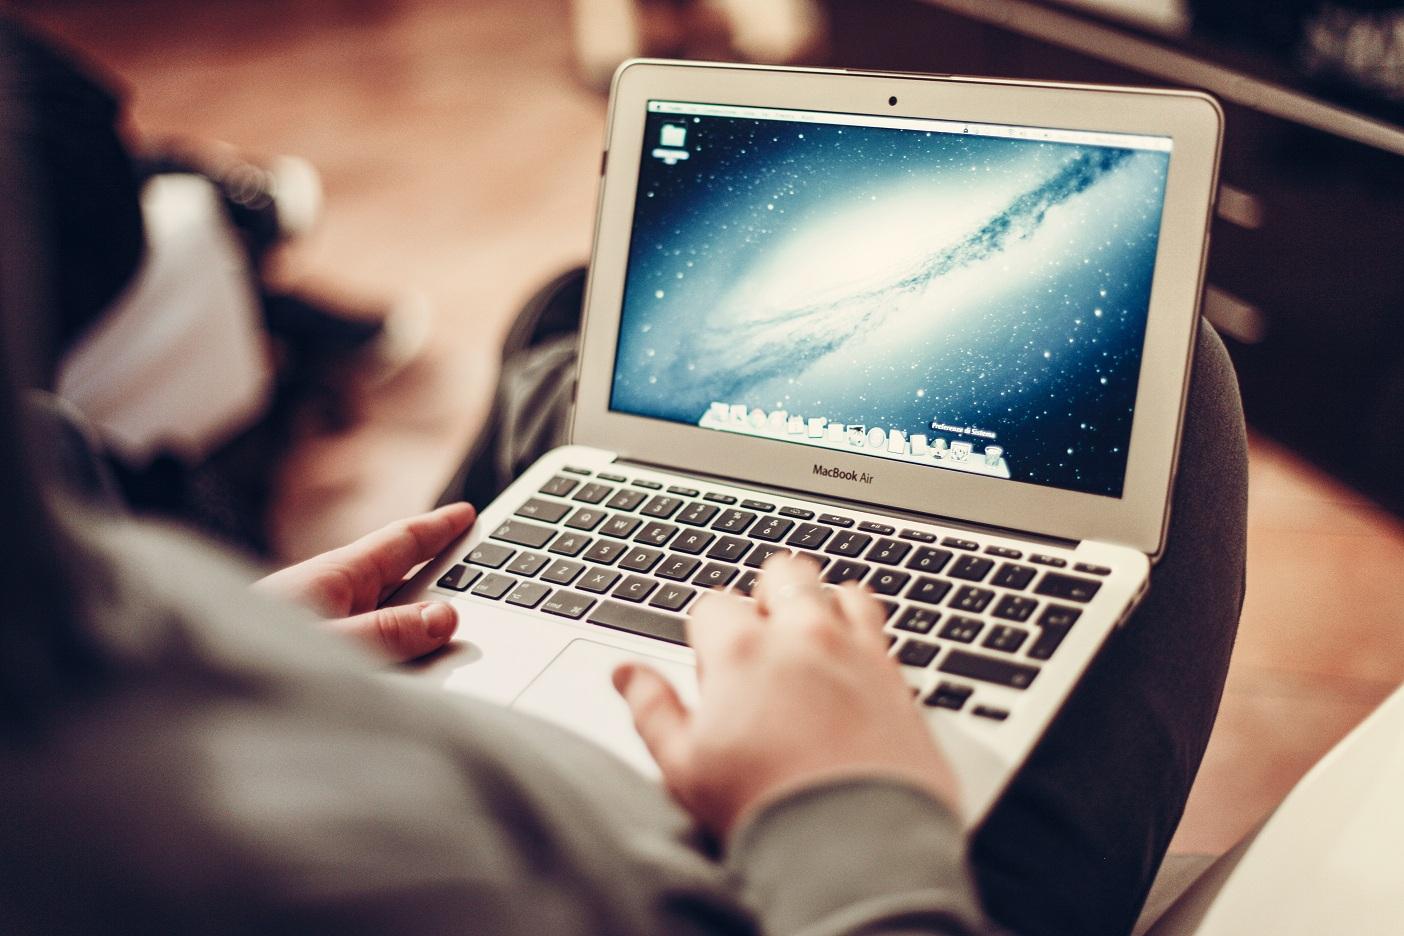 macbook-air-notebook-technology-1168